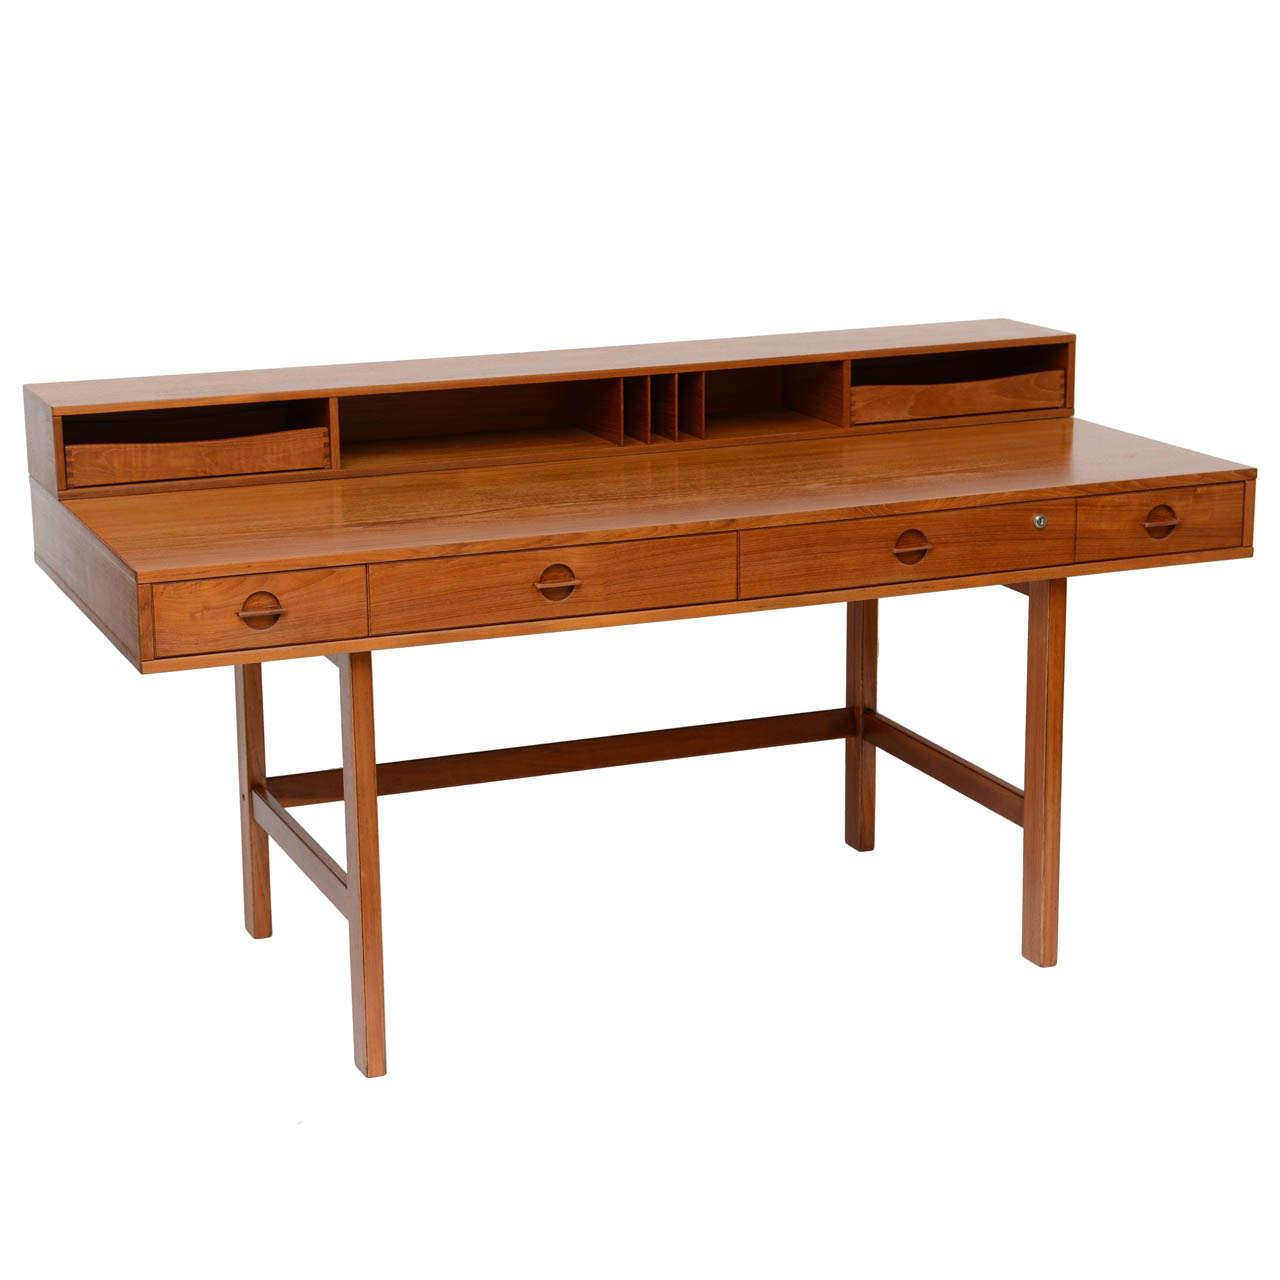 Lovig flip top teak desk by jens quistgaard at 1stdibs for Flip top computer desk